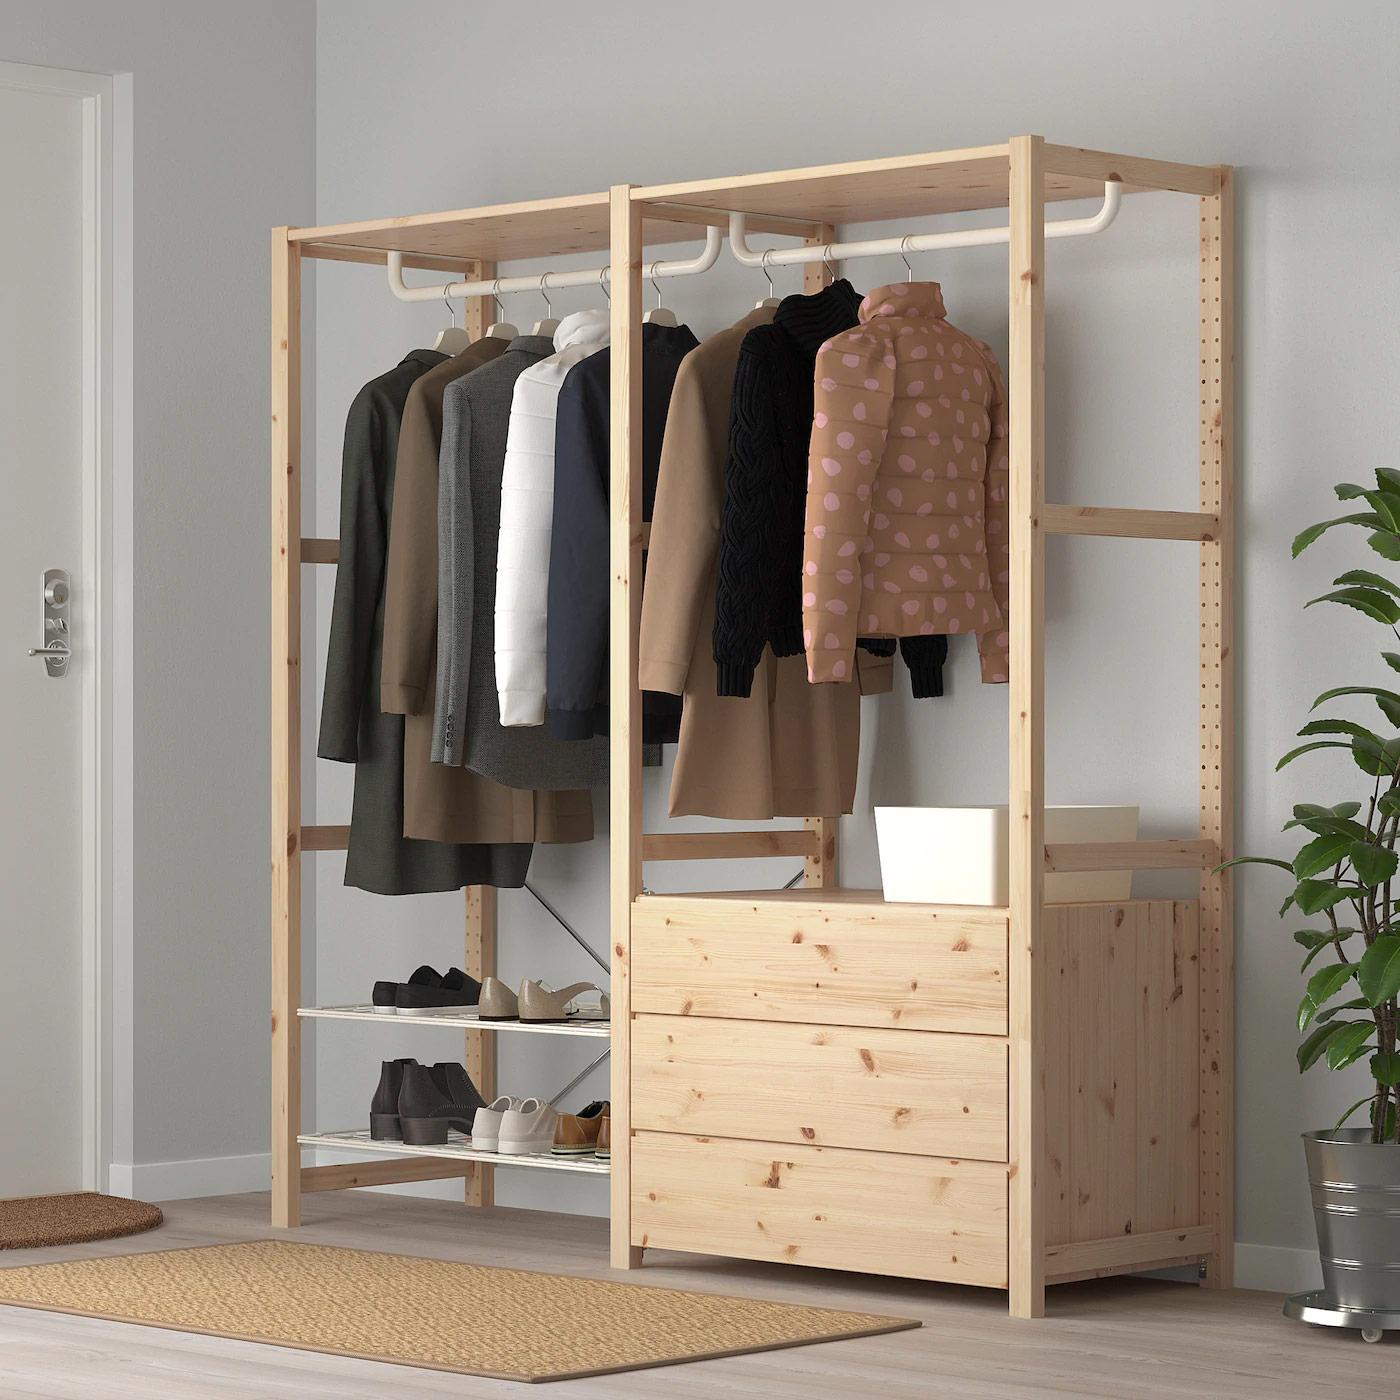 Ivar Schranksystem von Ikea | unbezahlte werbung